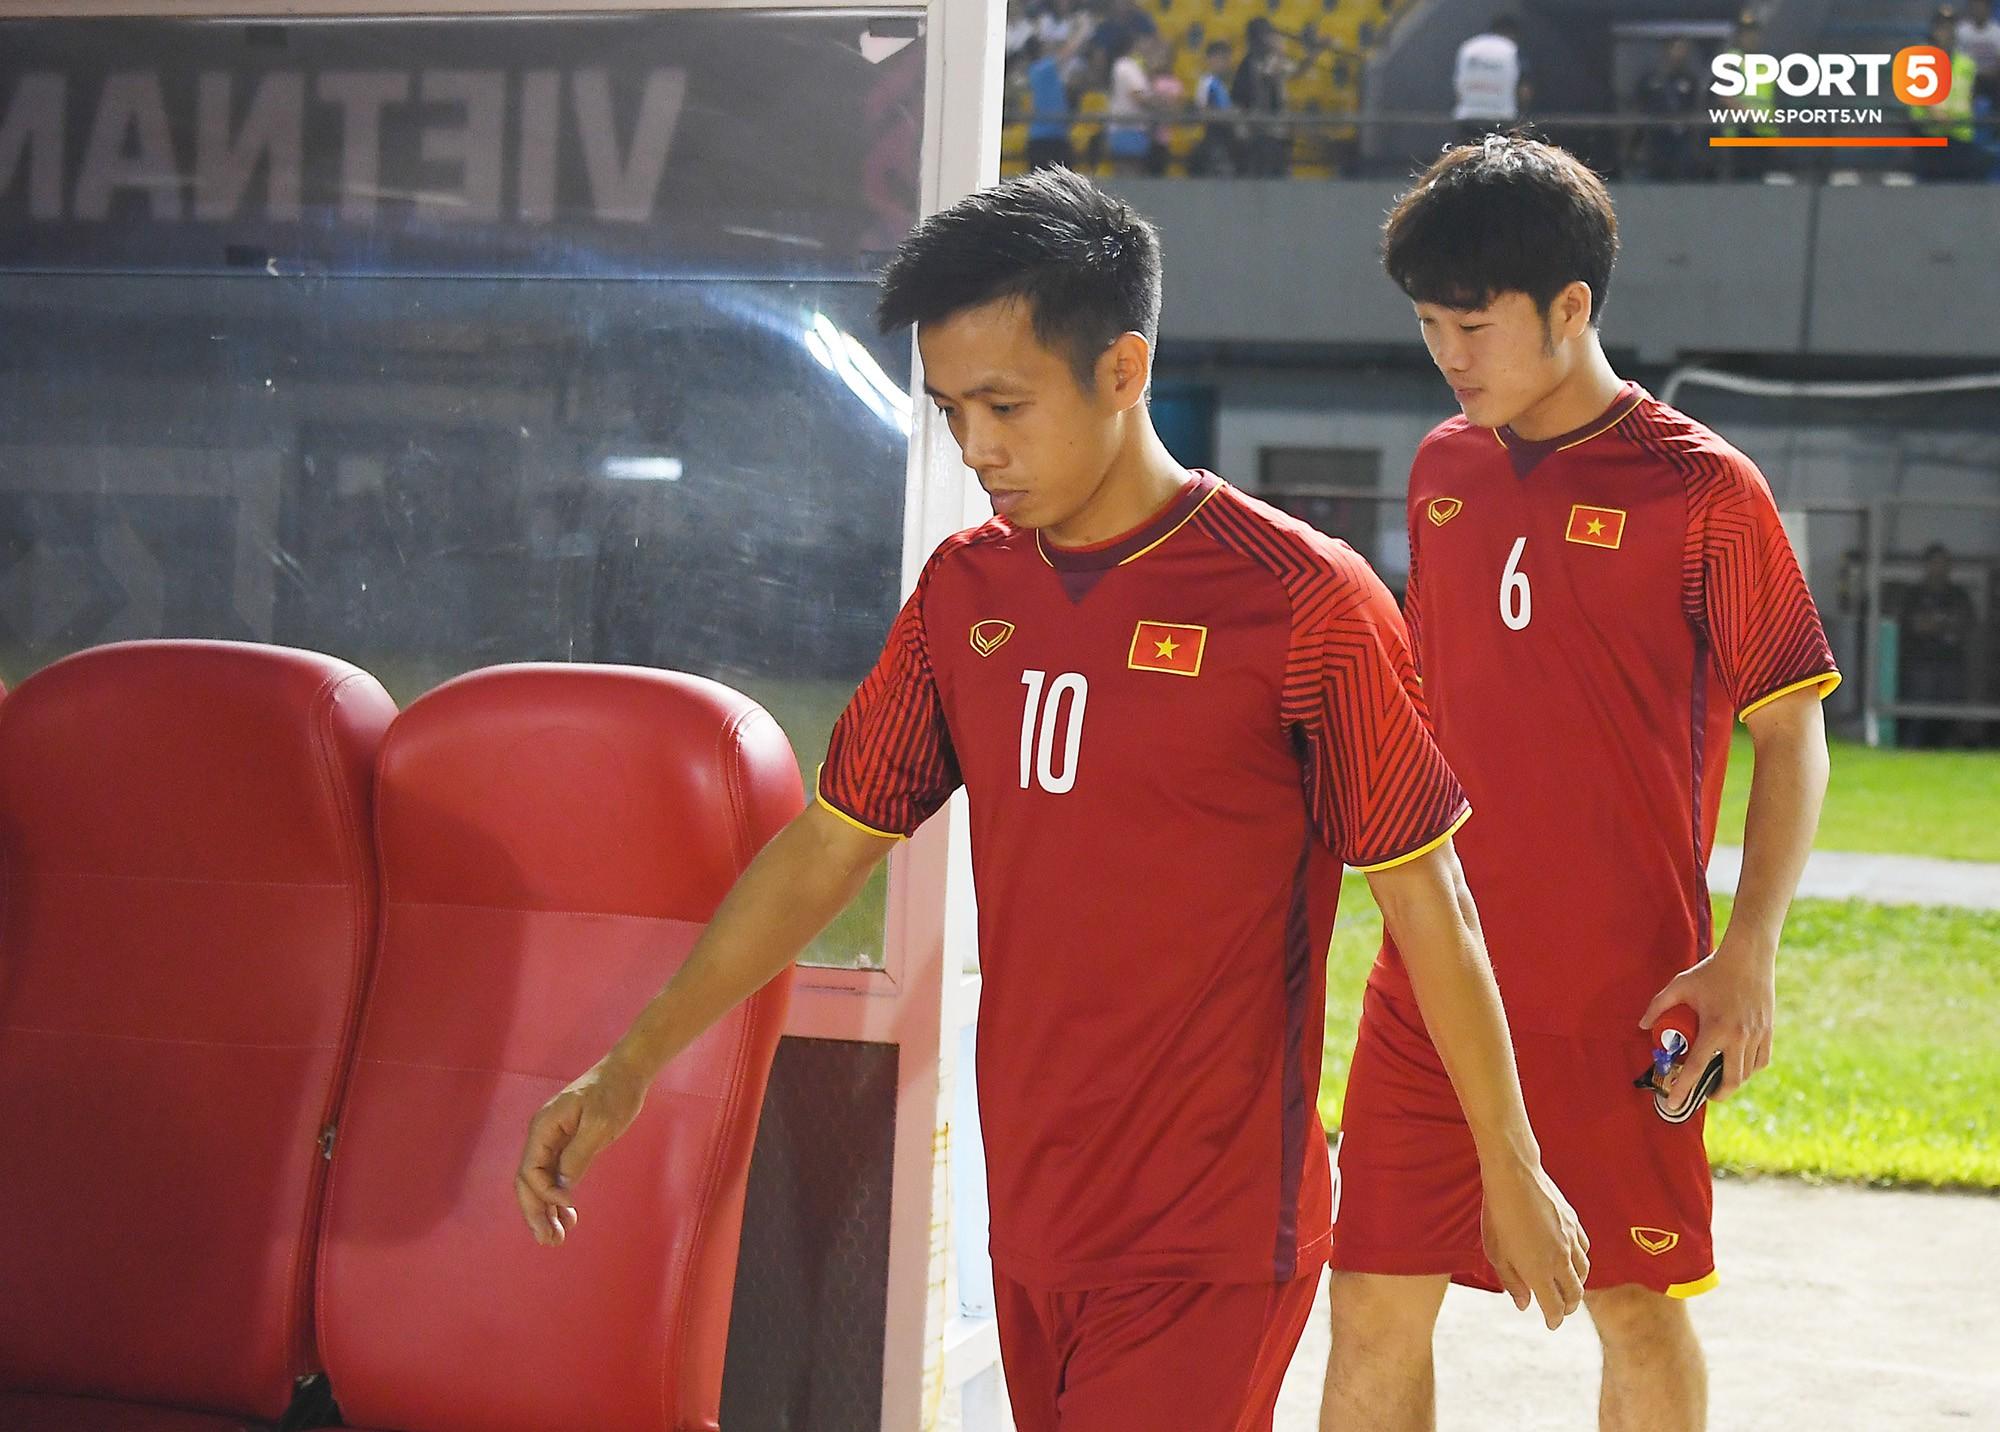 Hùng Dũng chấn thương, Xuân Trường có cơ hội đá chính ở AFF Cup 2018 - Ảnh 2.